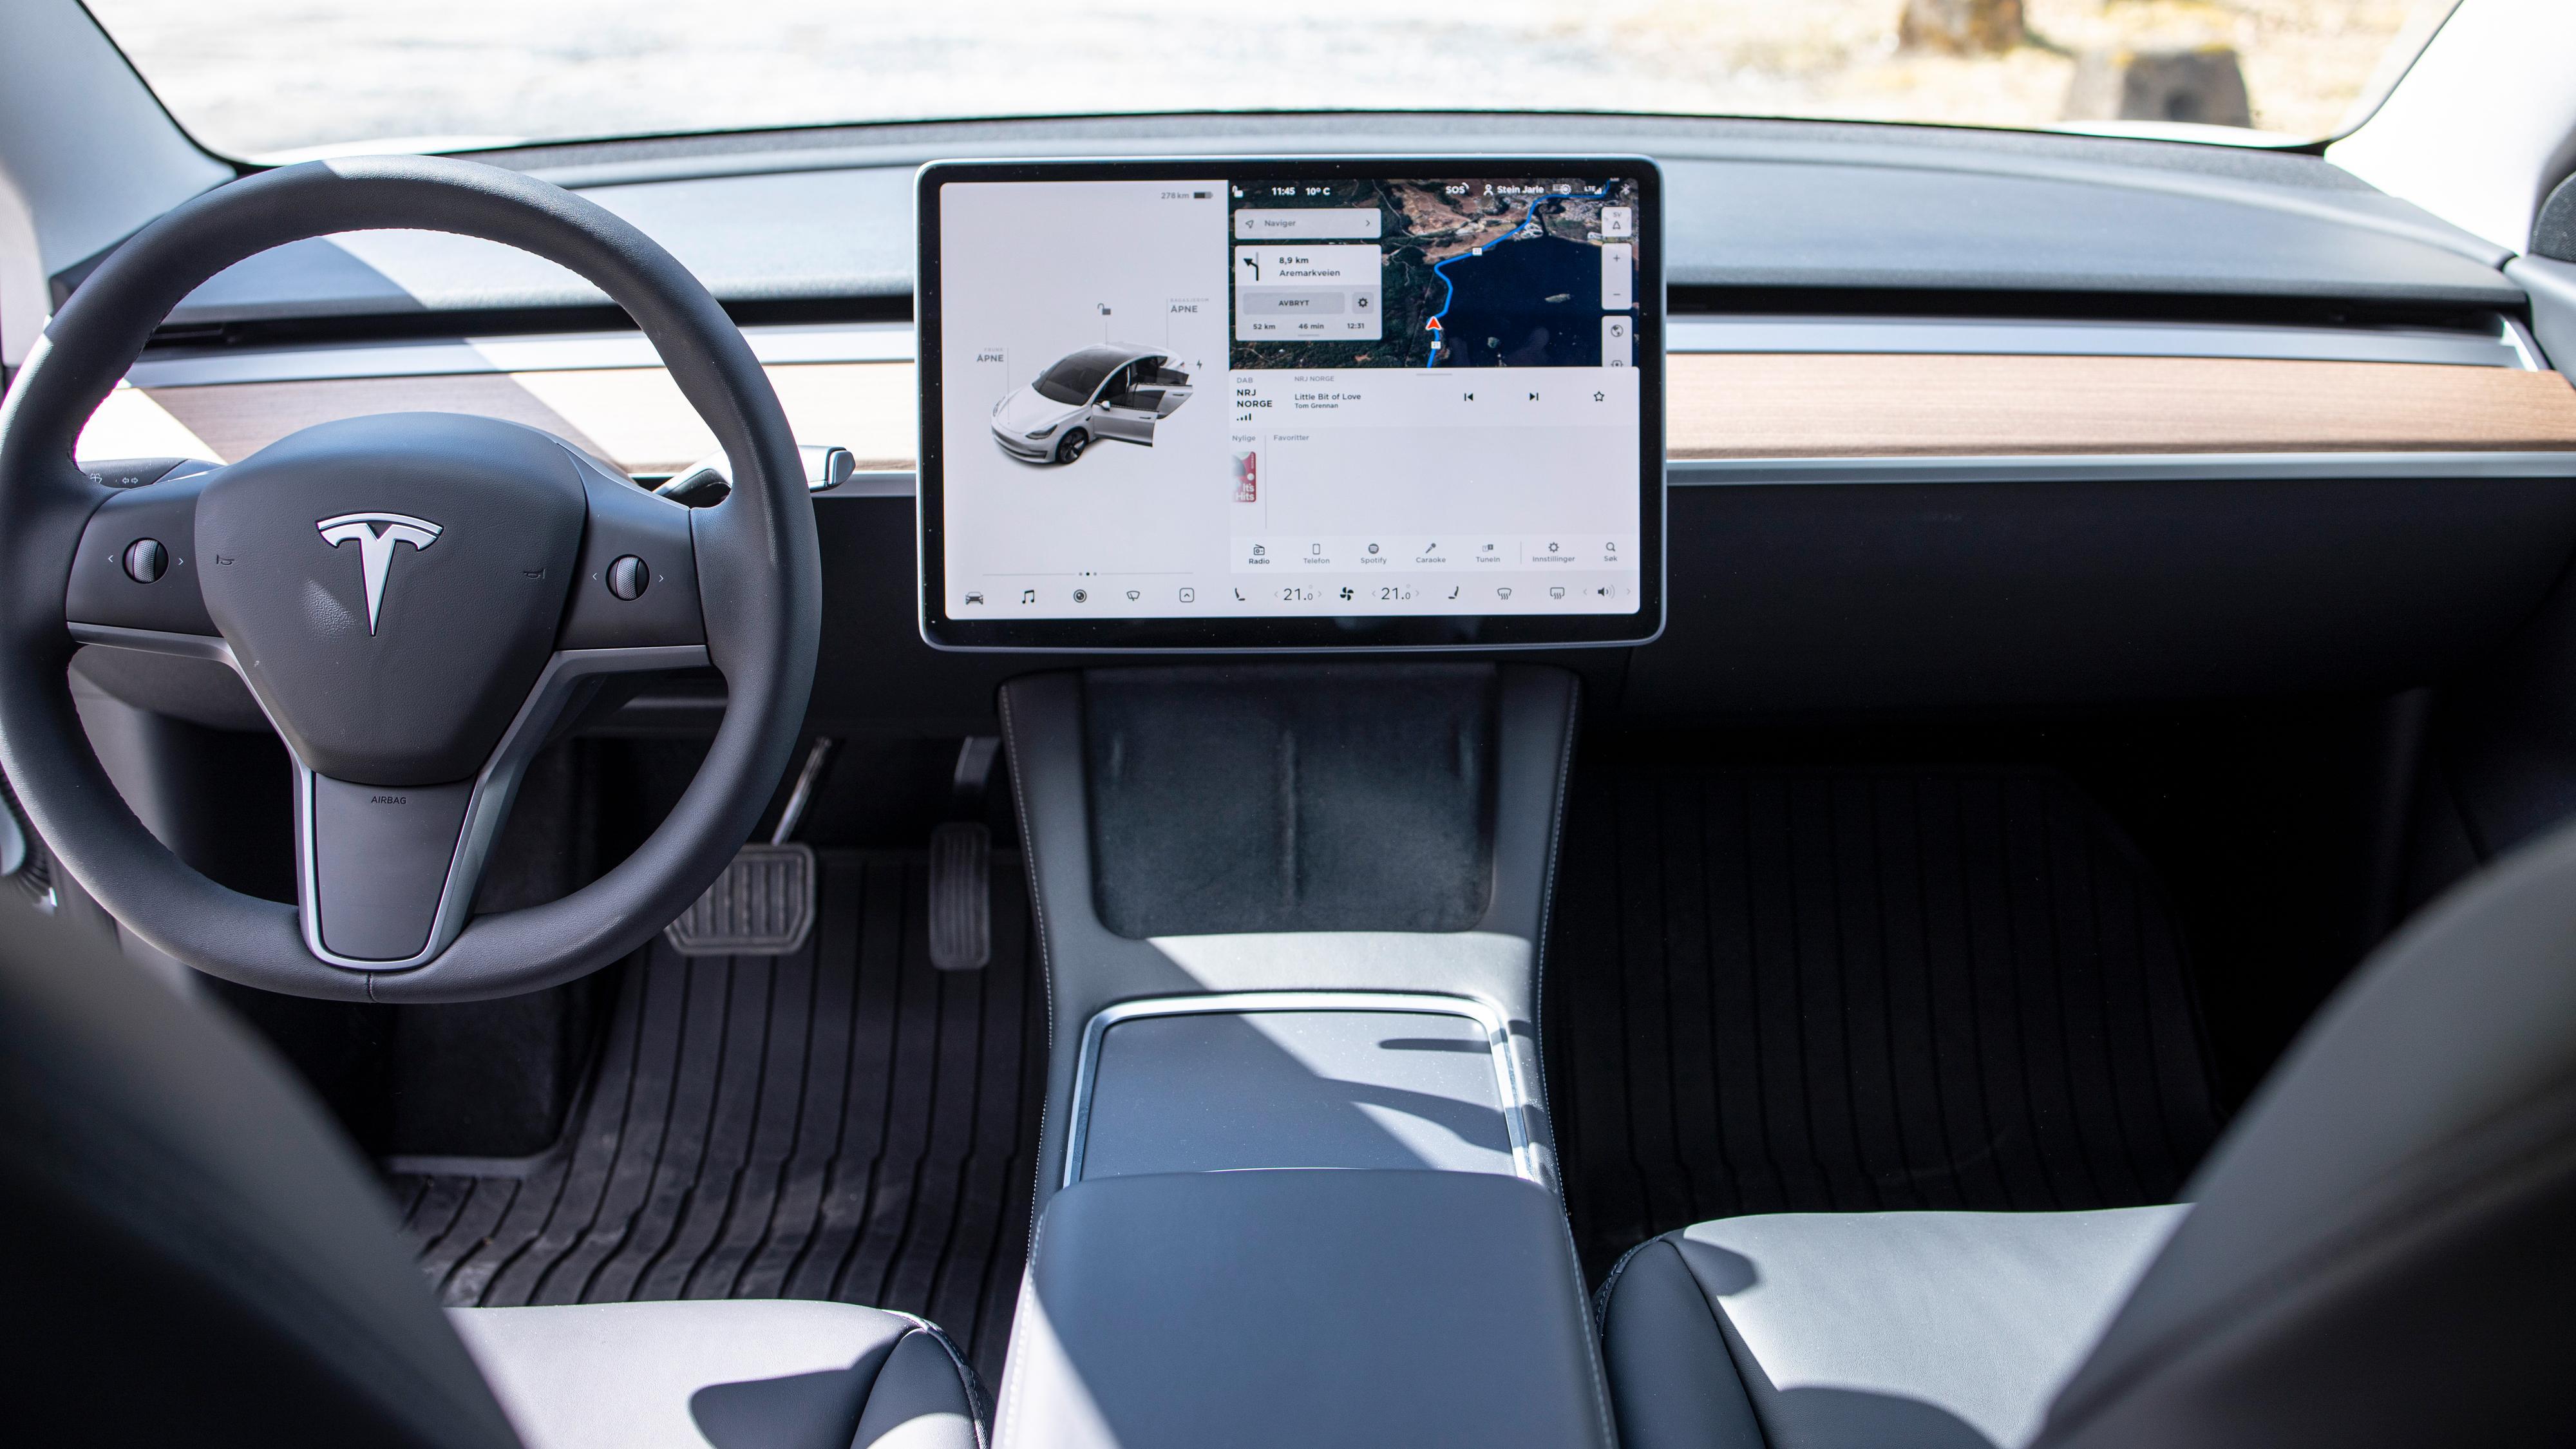 Minimalismen preger fortsatt førermiljøet i Model 3. Her får du som kjent ikke noe eget instrumentpanel foran rattet, all informasjonen må hentes fra skjermen i midten.